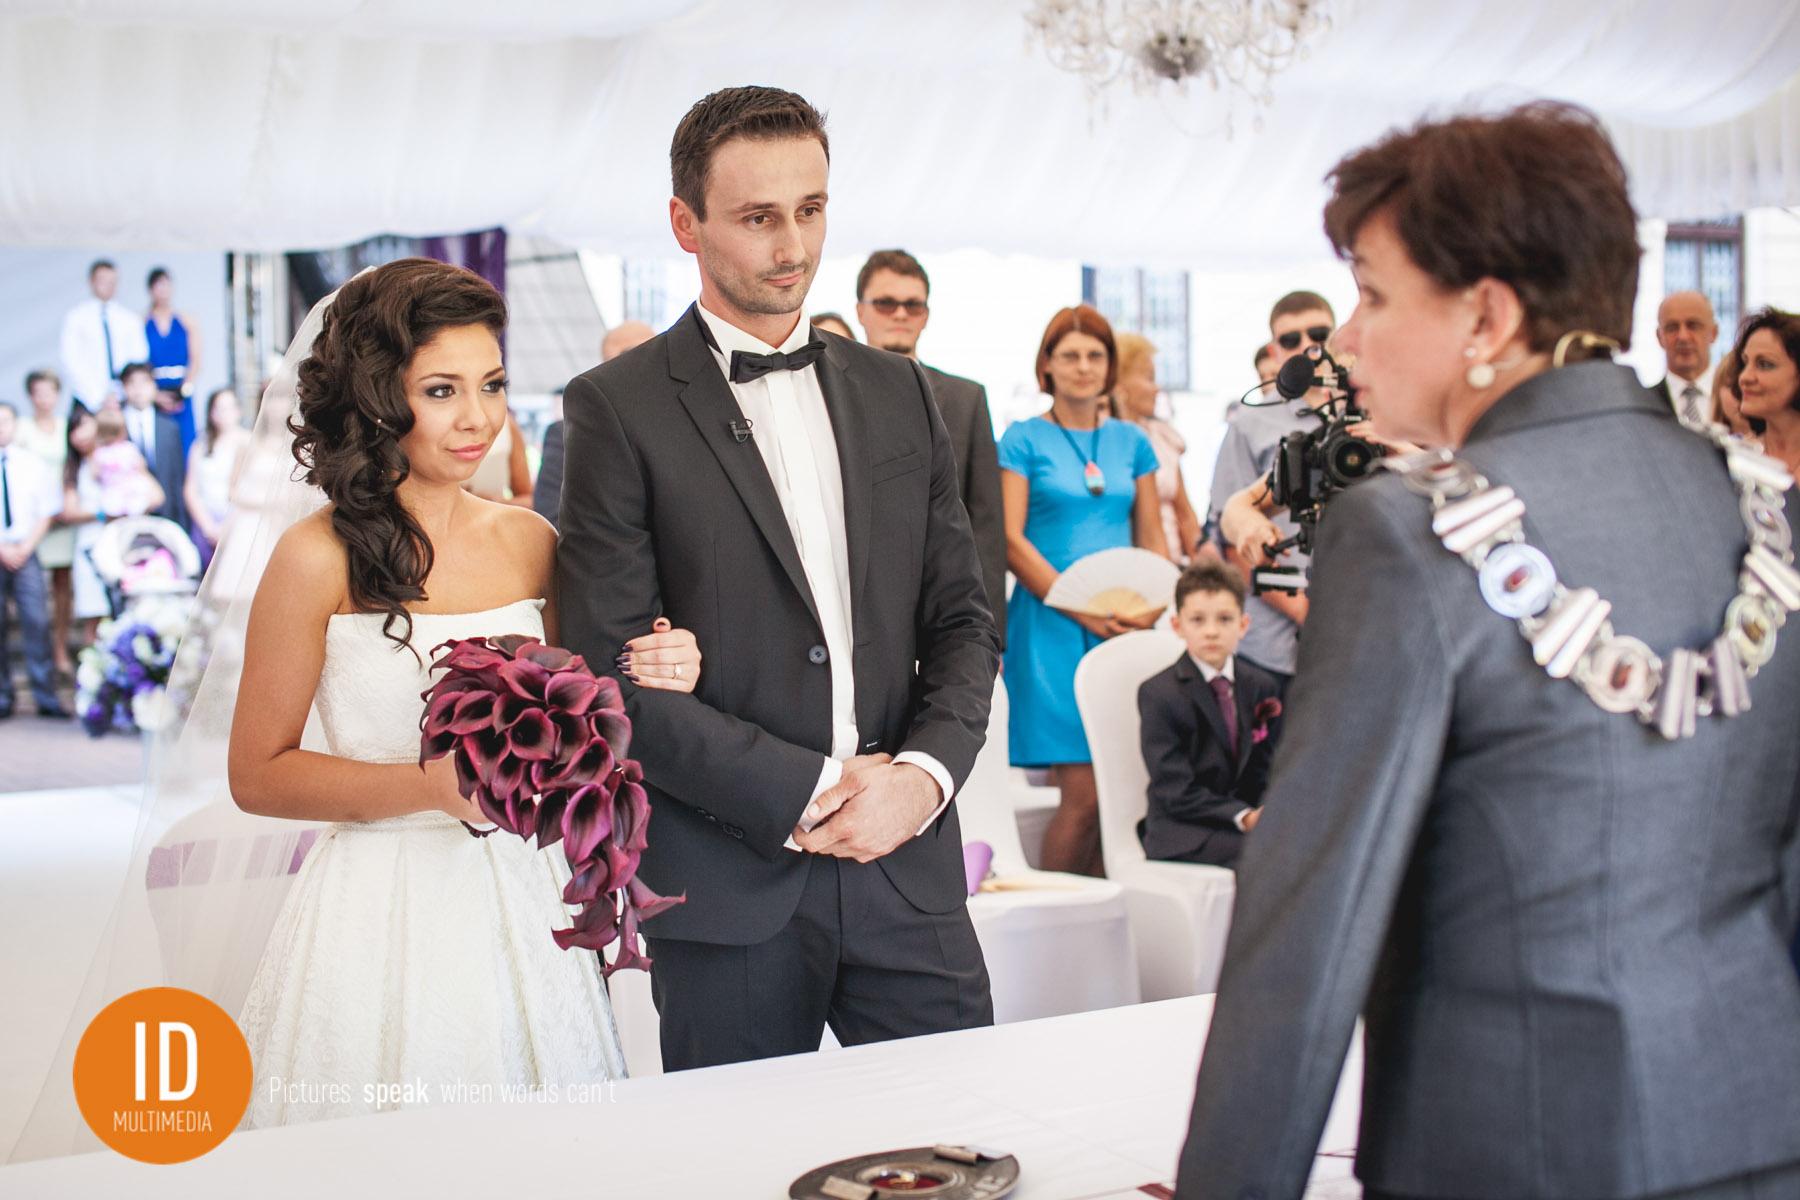 a6046b1cc6 Wideofilmowanie i zdjęcia ślubne -blog IdMultimedia 078 - Ślub ...